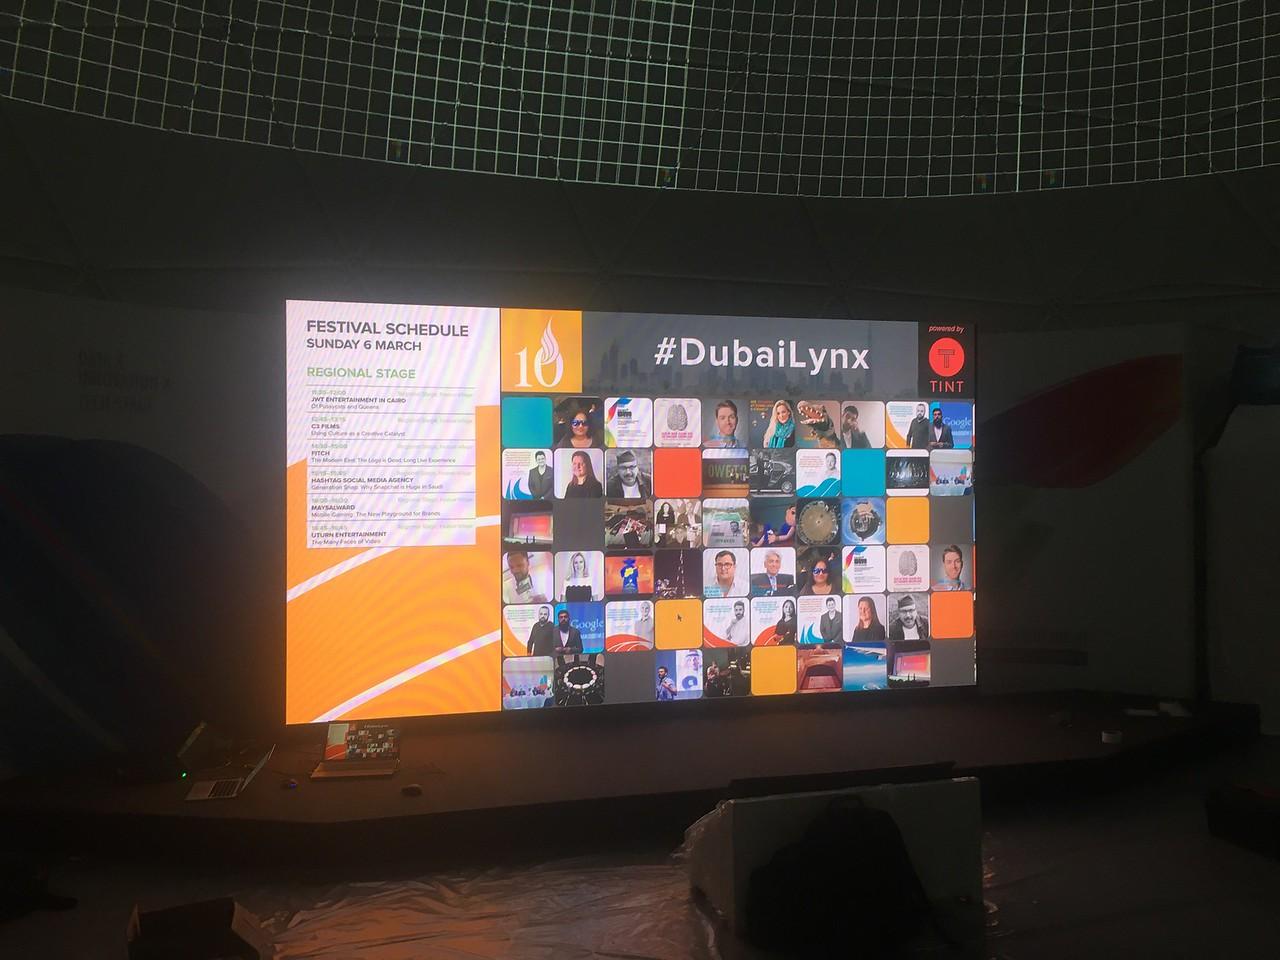 #DubaiLynx